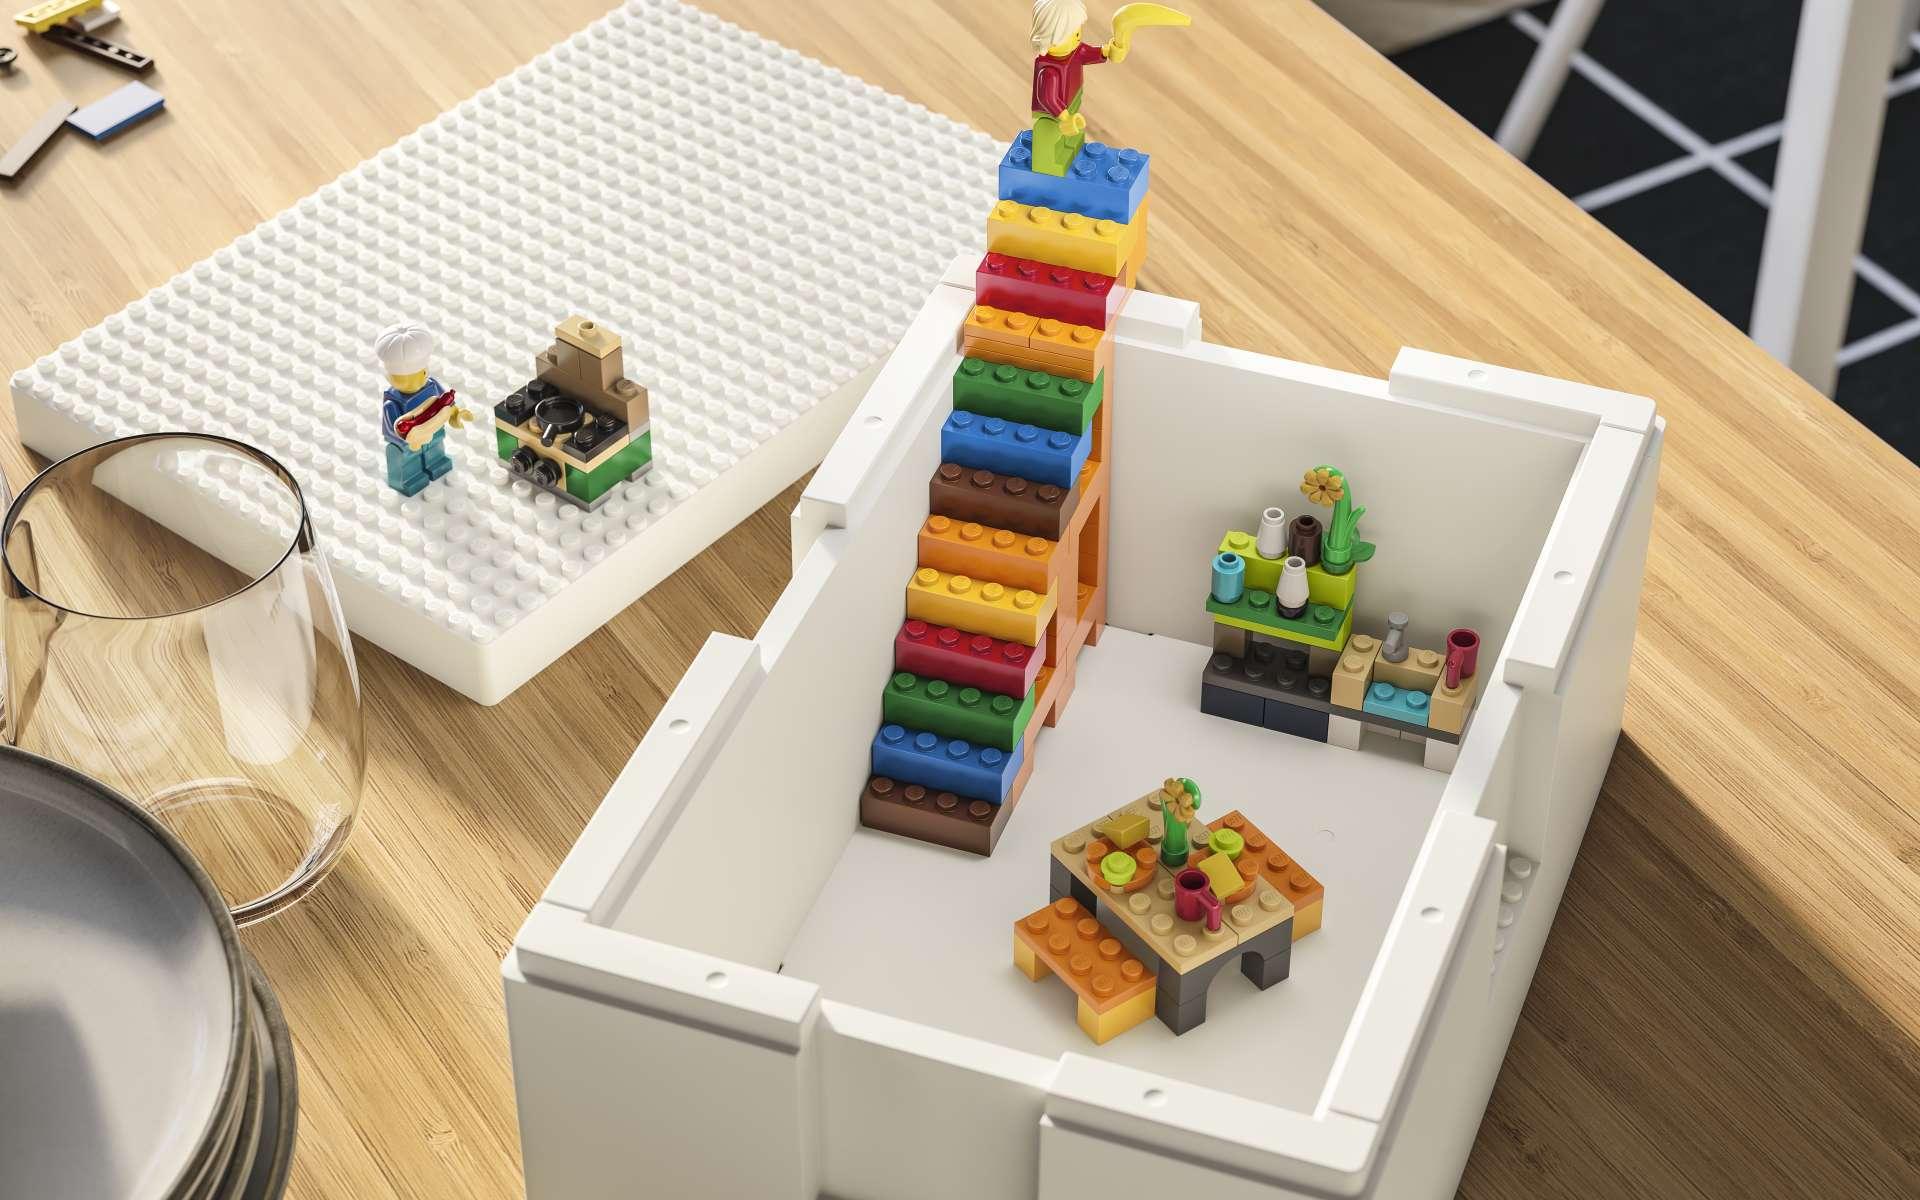 Lego et Ikea s'associent pour proposer un concept de rangement plus ludique. © Image Courtesy of IKEA